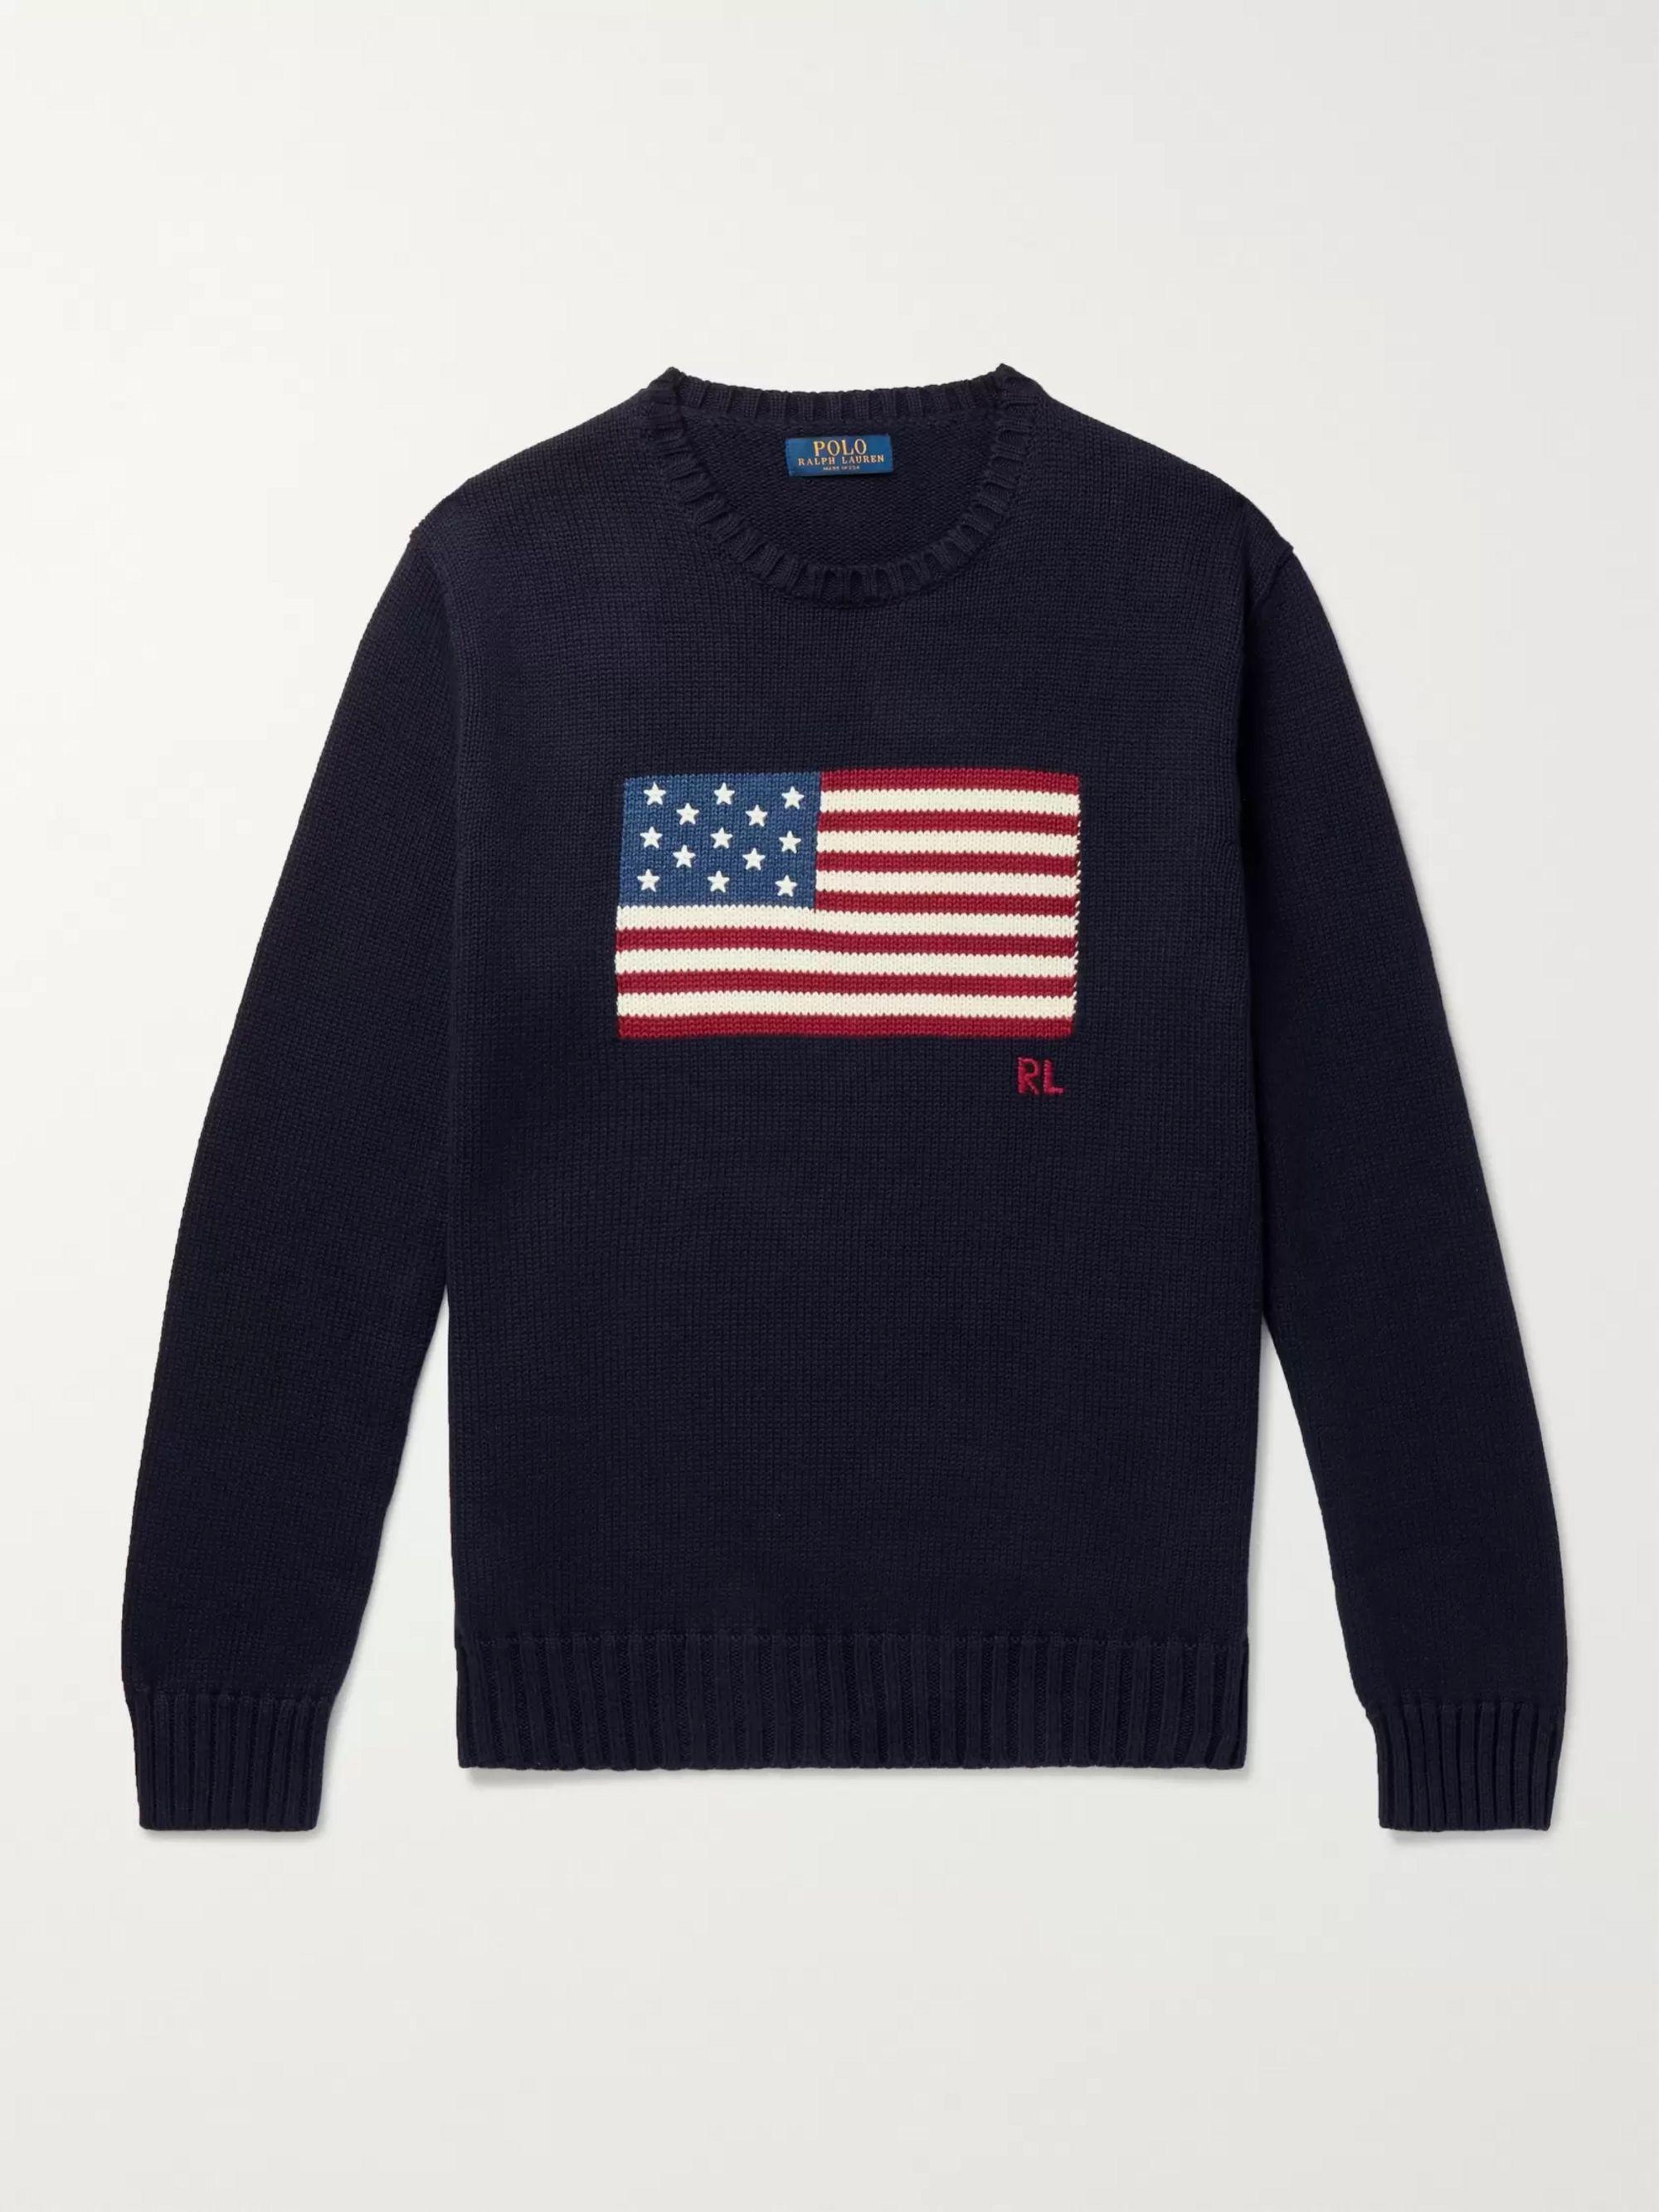 Intarsia Sweater Intarsia Sweater Embroidered Sweater Embroidered Cotton Embroidered Cotton Cotton Intarsia f76ybg